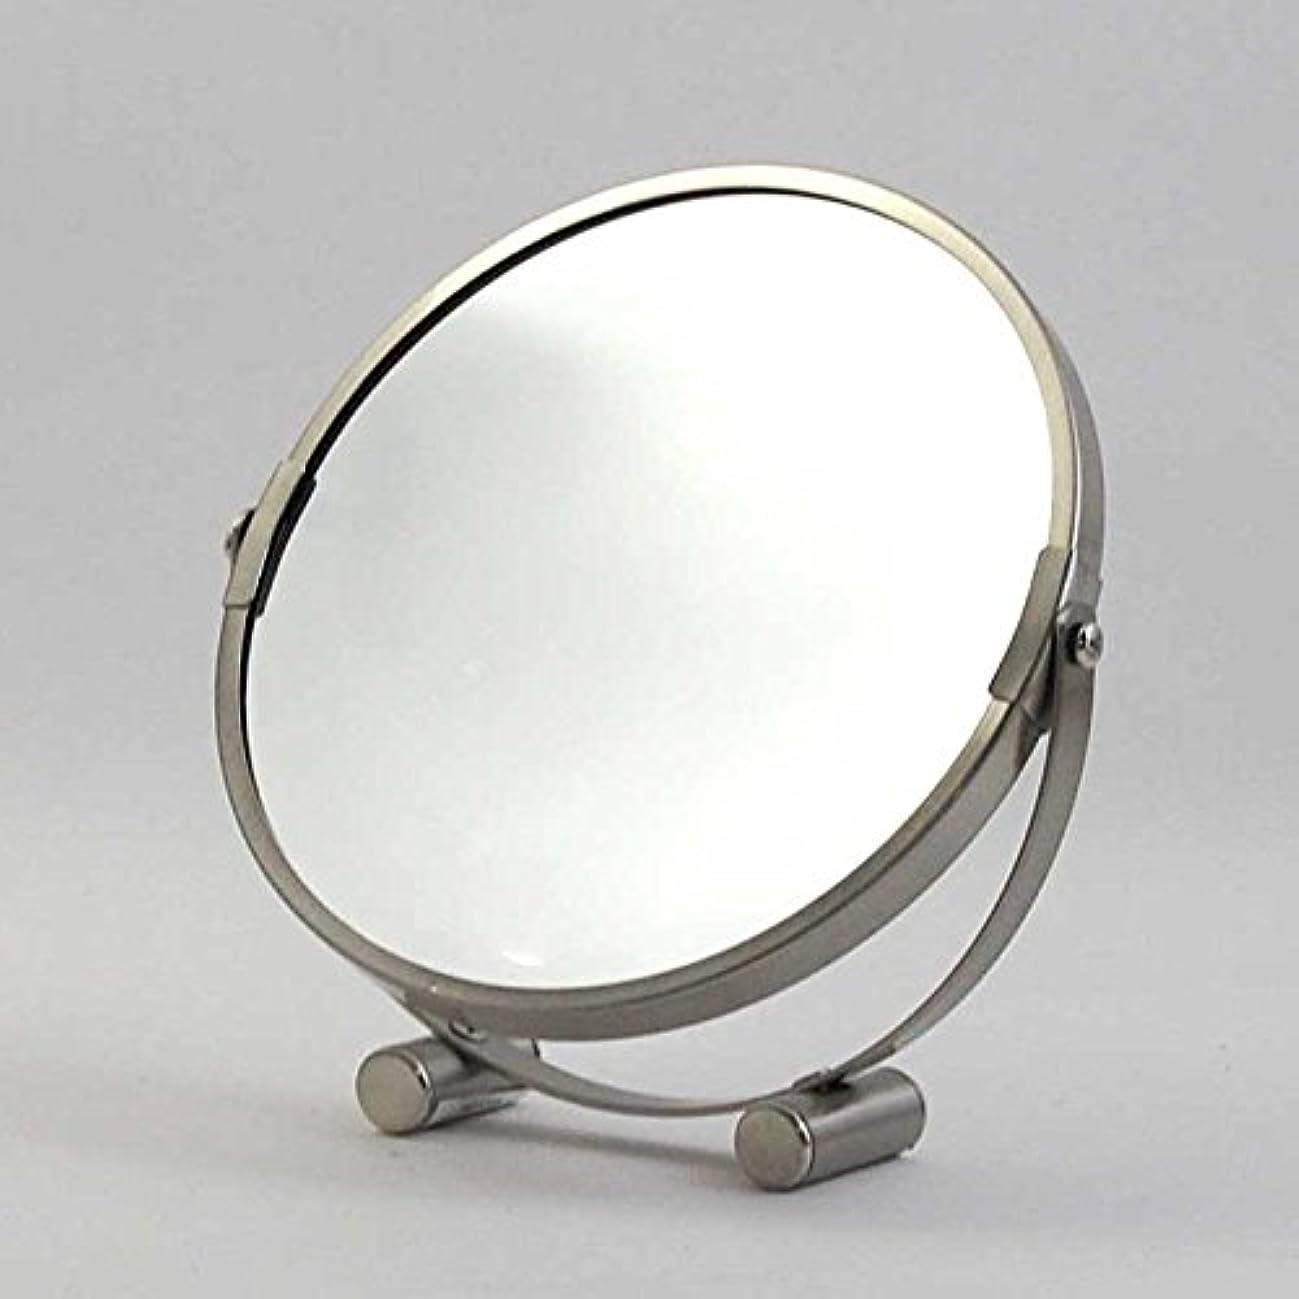 胃すすり泣き統治可能卓上ミラー ダルトン ROUND MIRROR ラウンド ミラー A655-723 丸型 両面鏡 拡大鏡付